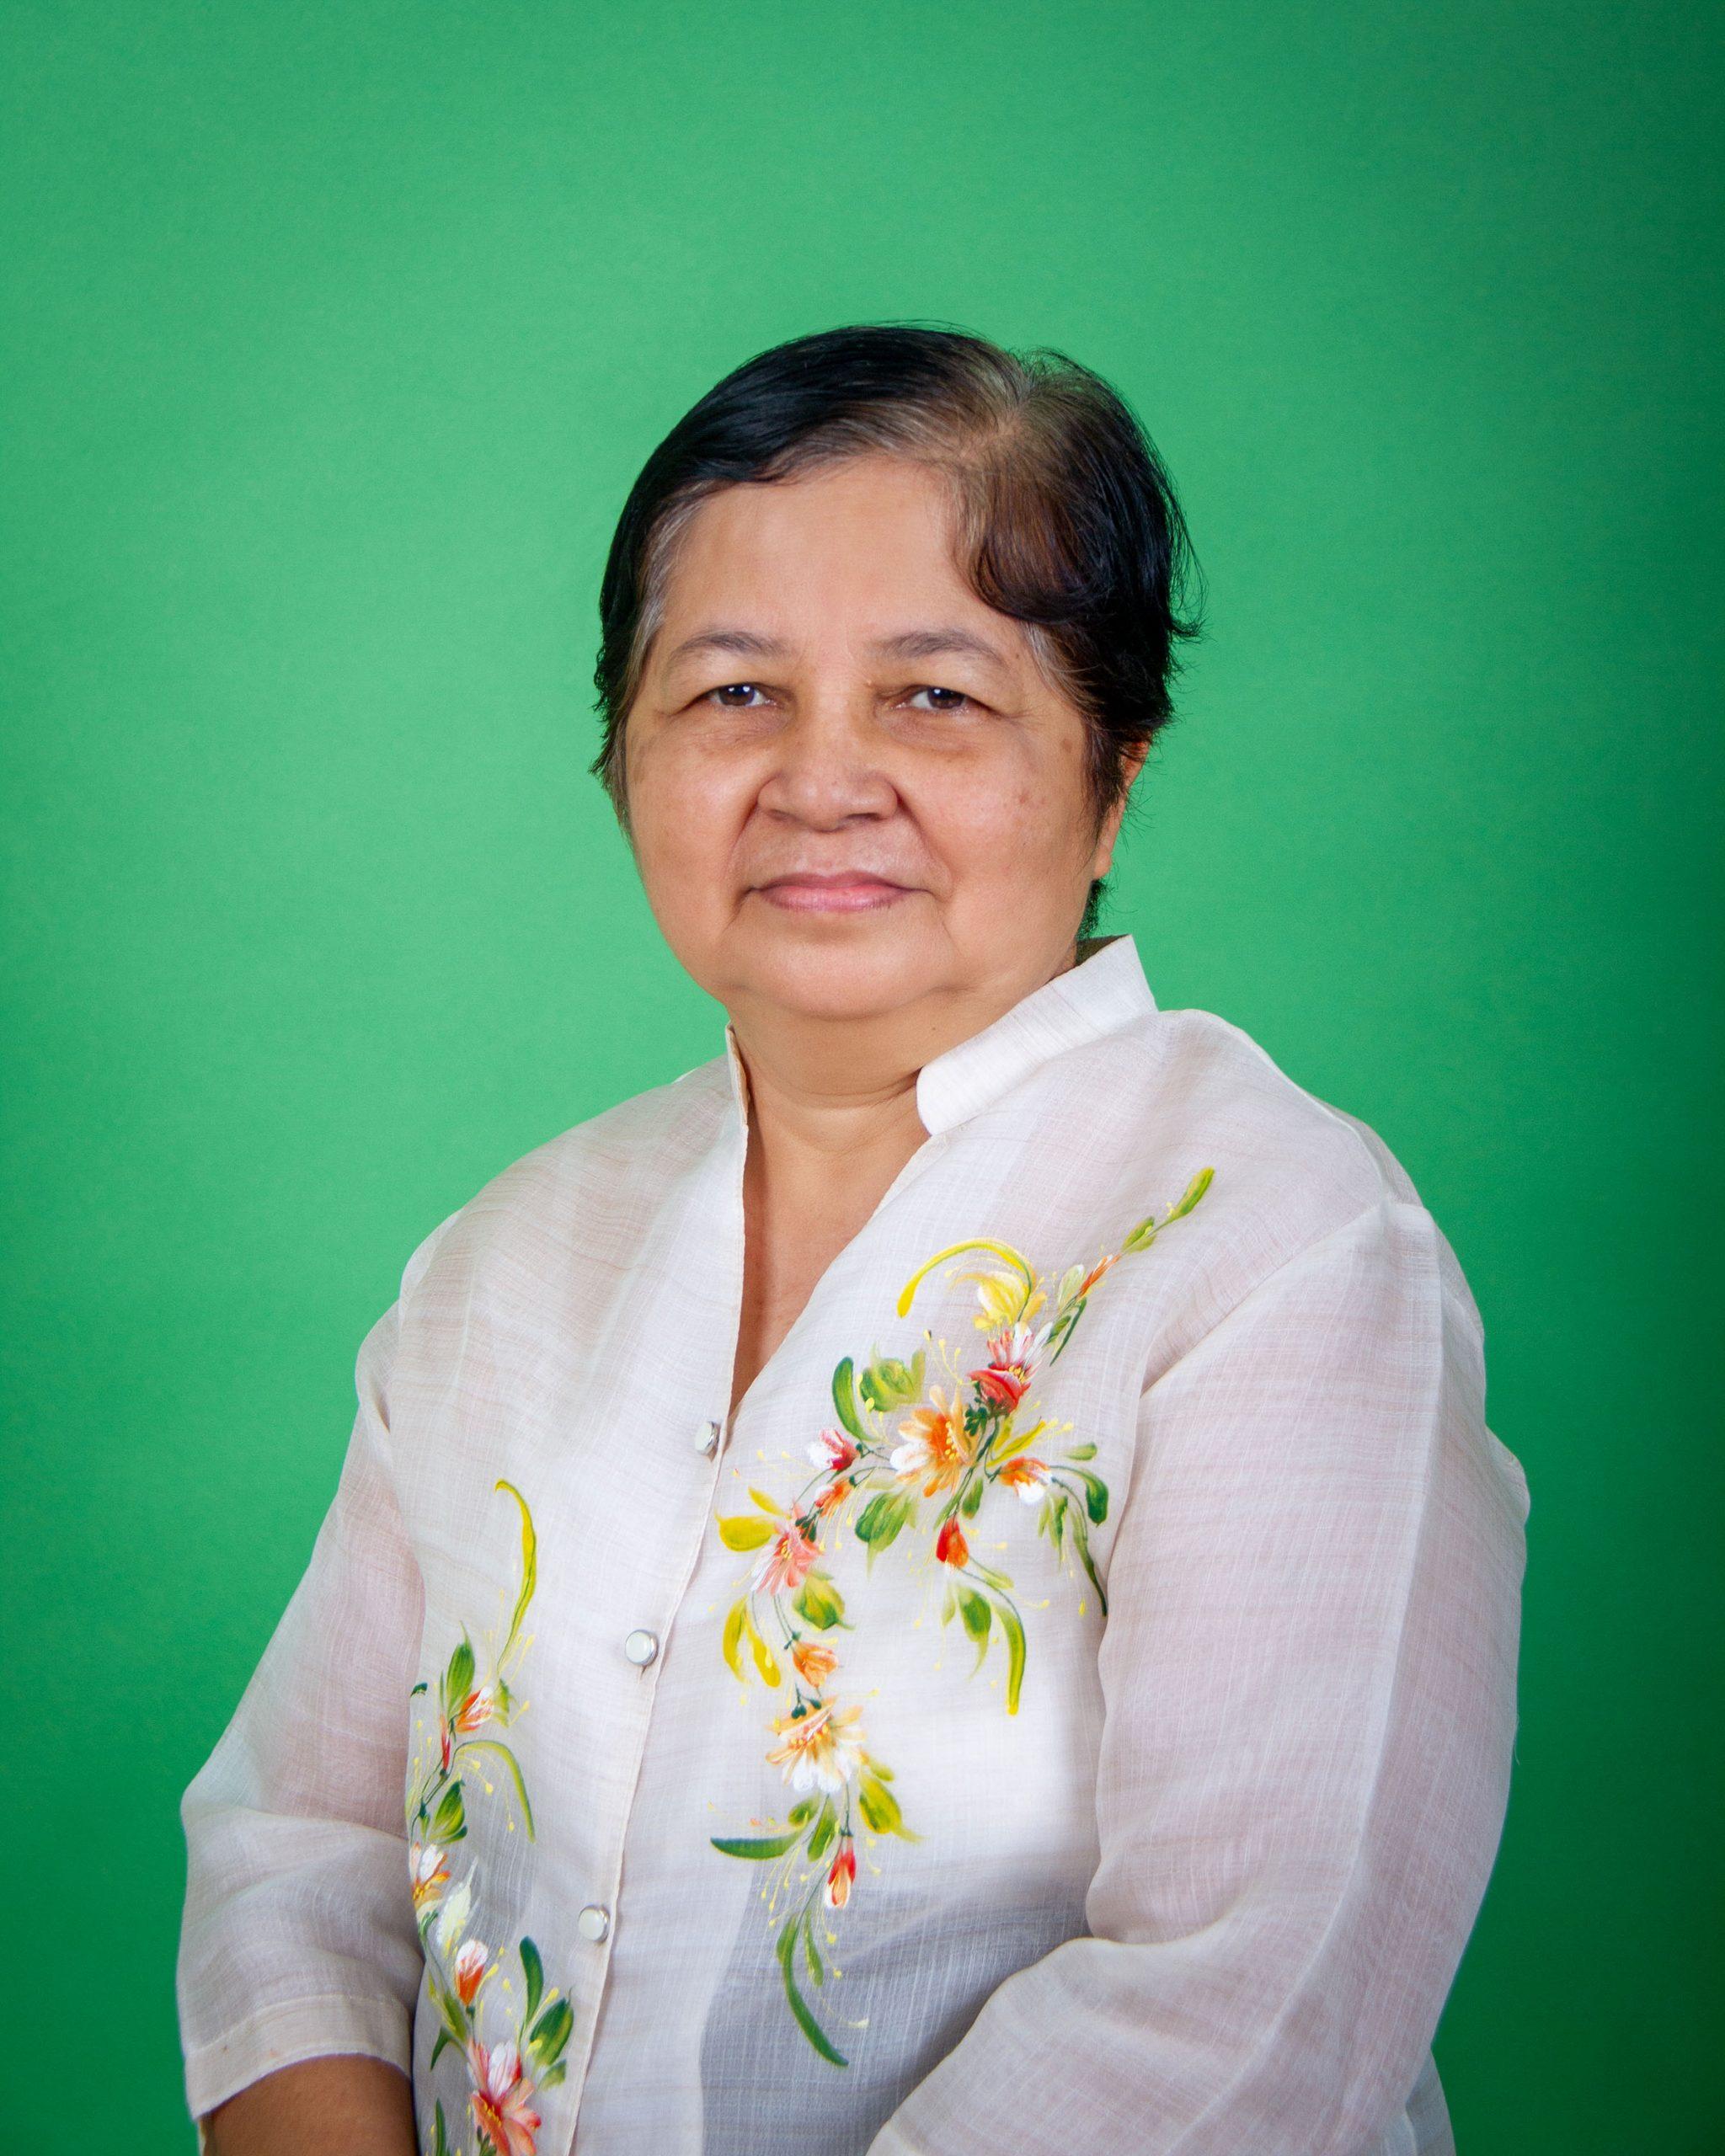 Evelyn Almocera